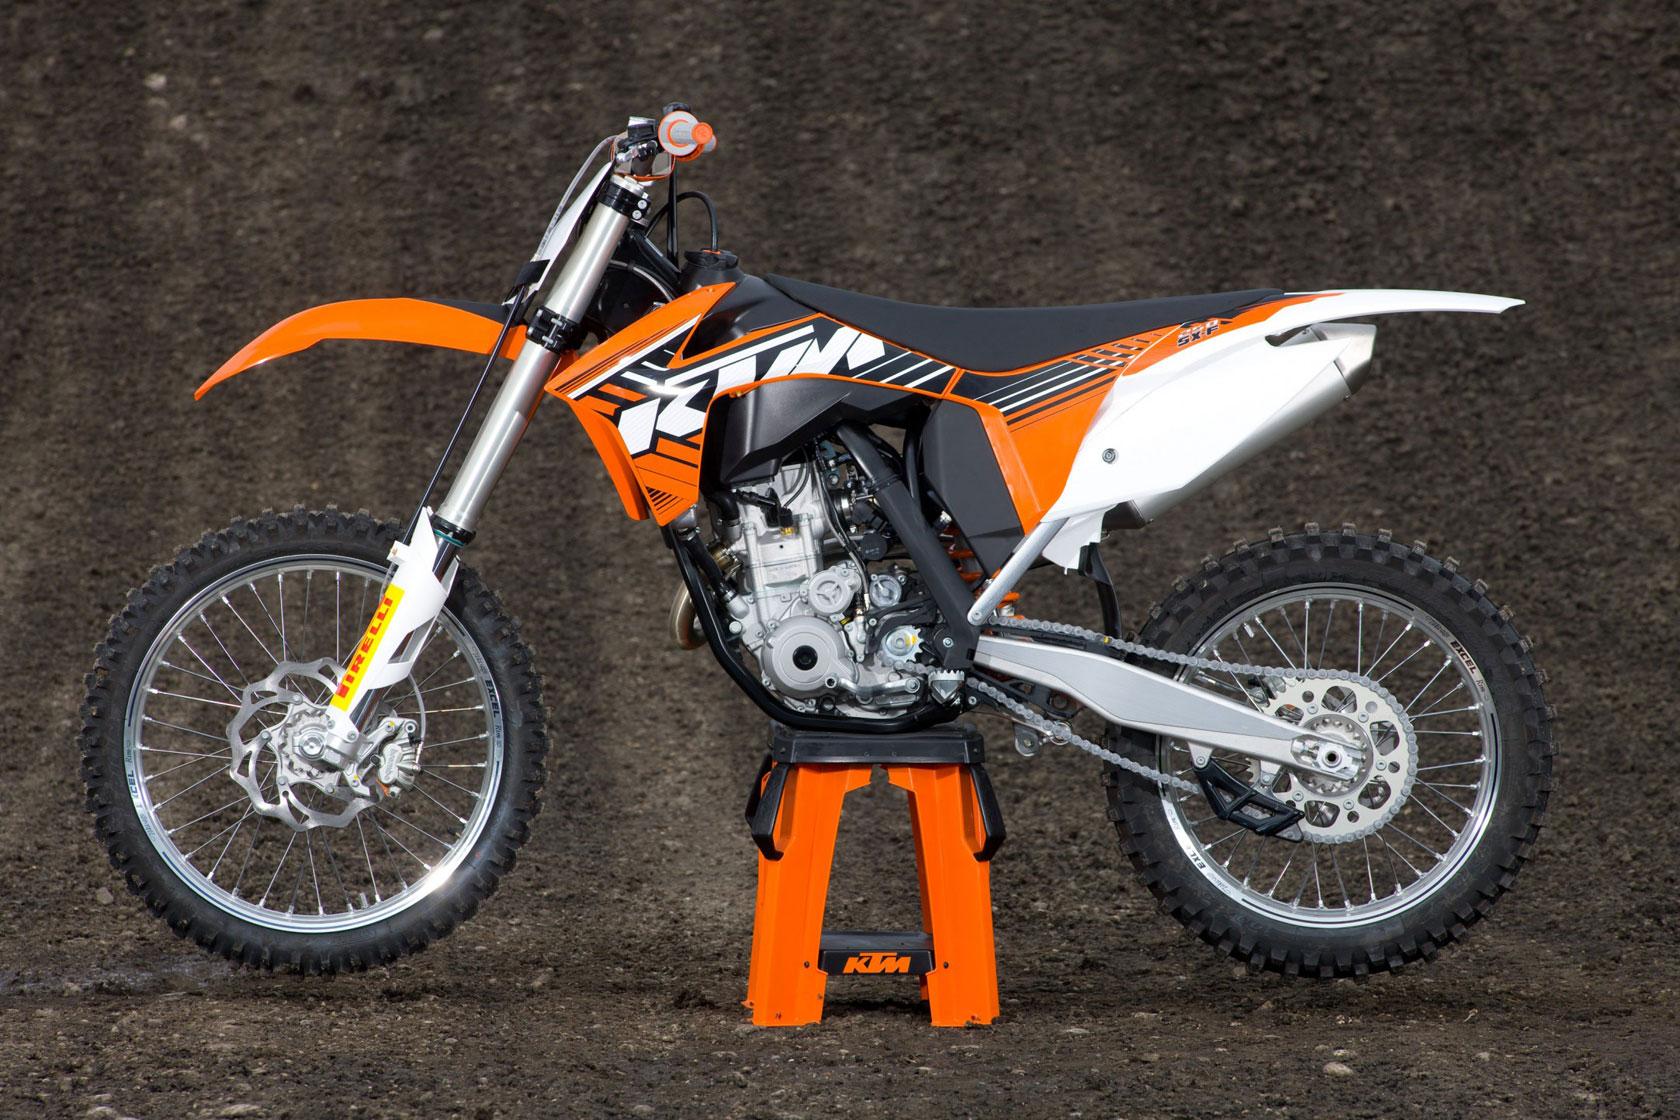 2012 ktm 250 sx review